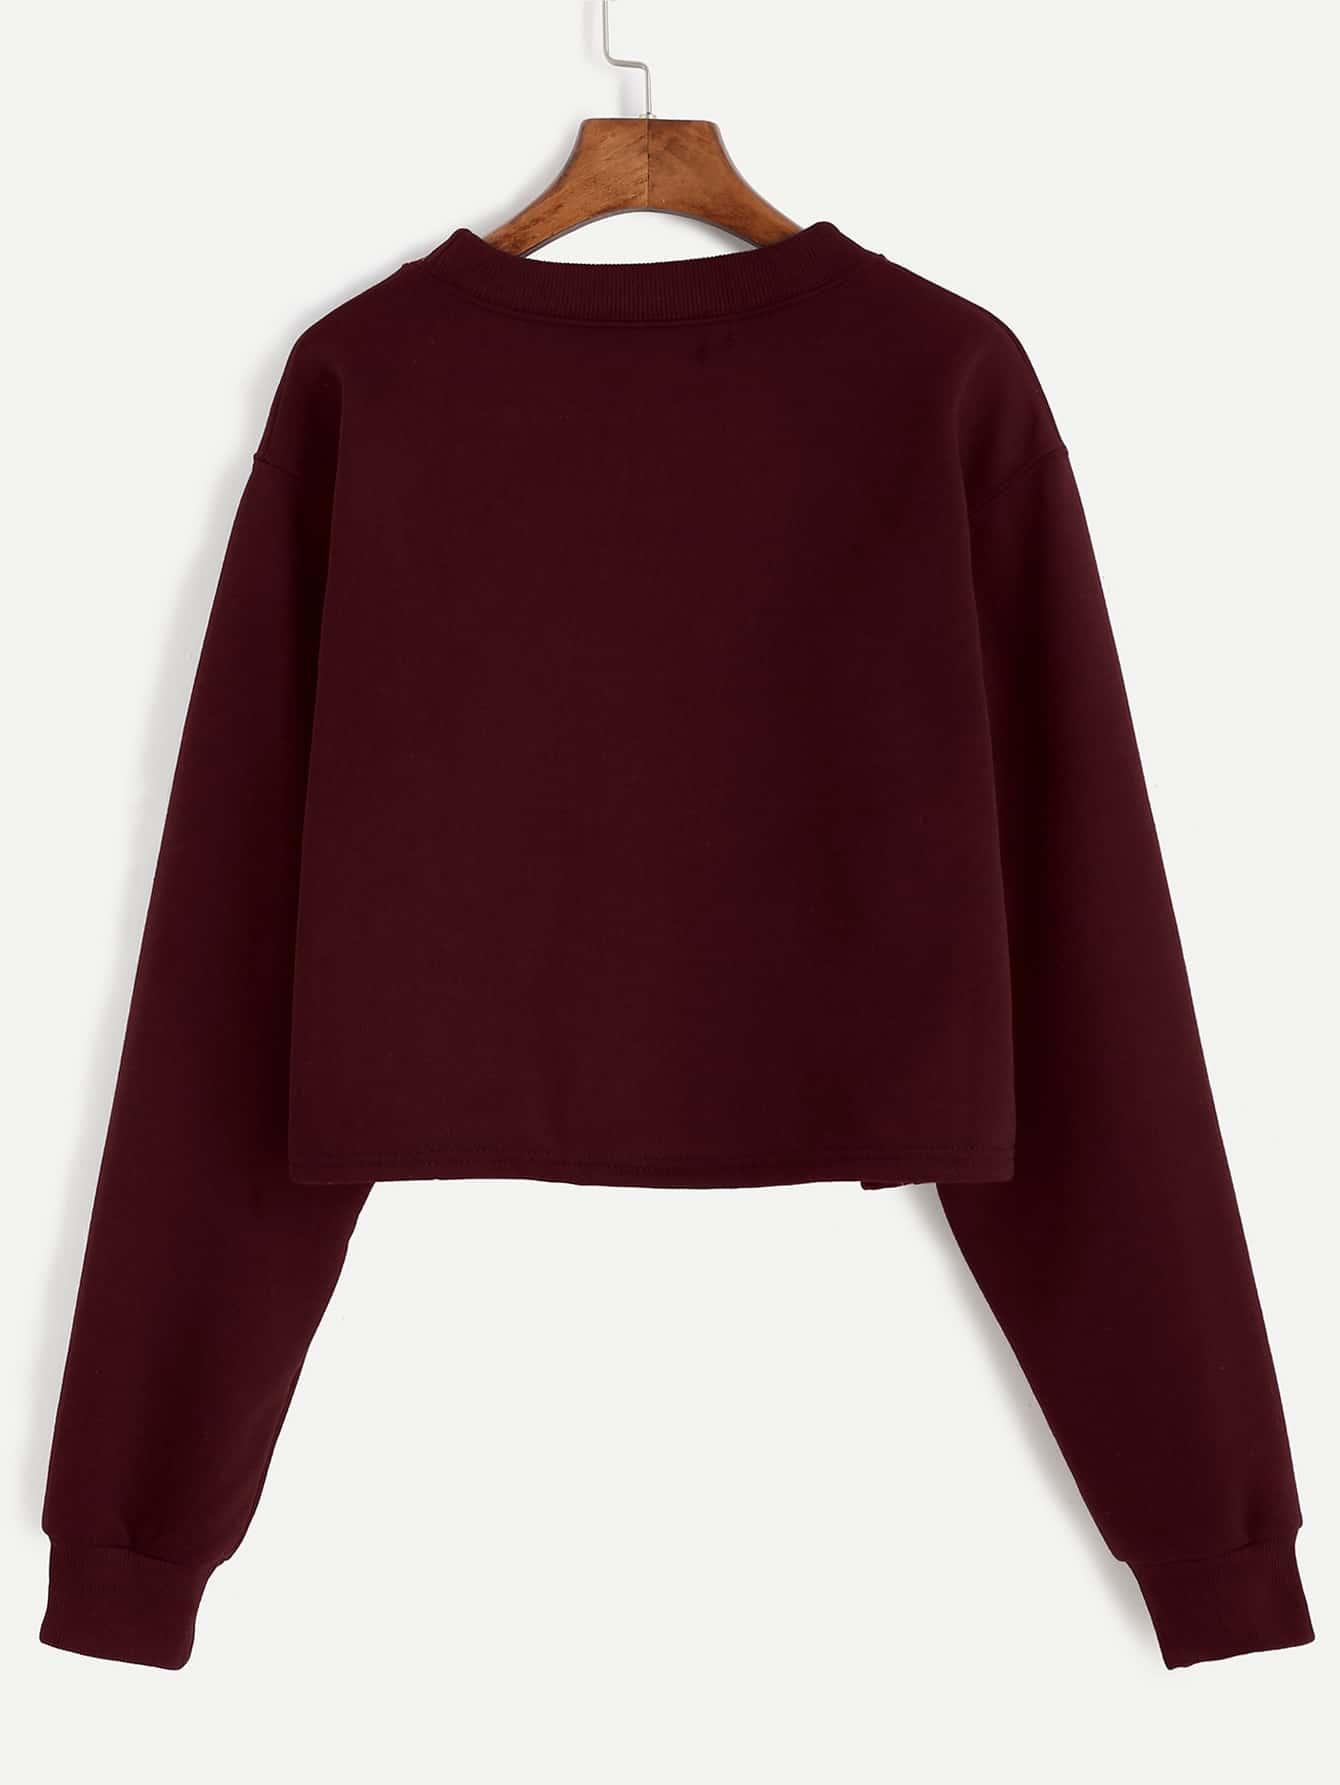 sweatshirt161007109_2